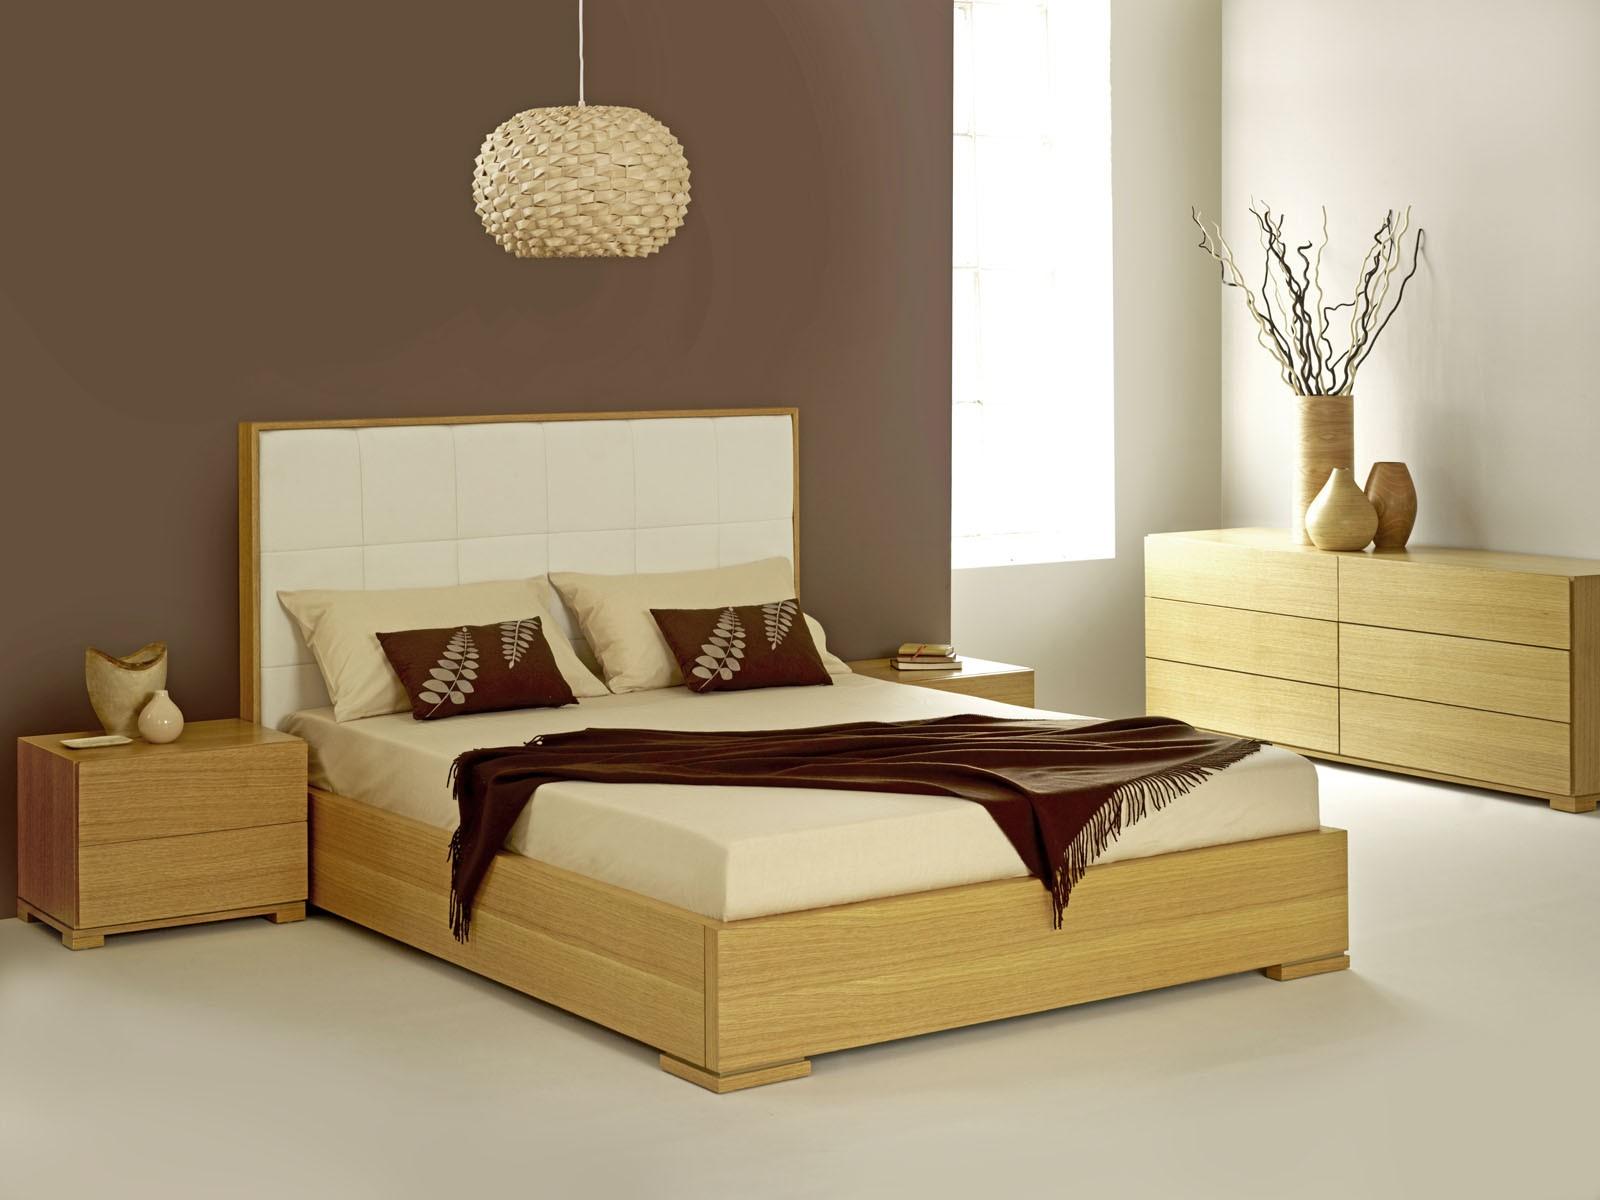 Оригинальная люстра отлично впишется в модерновую спальню